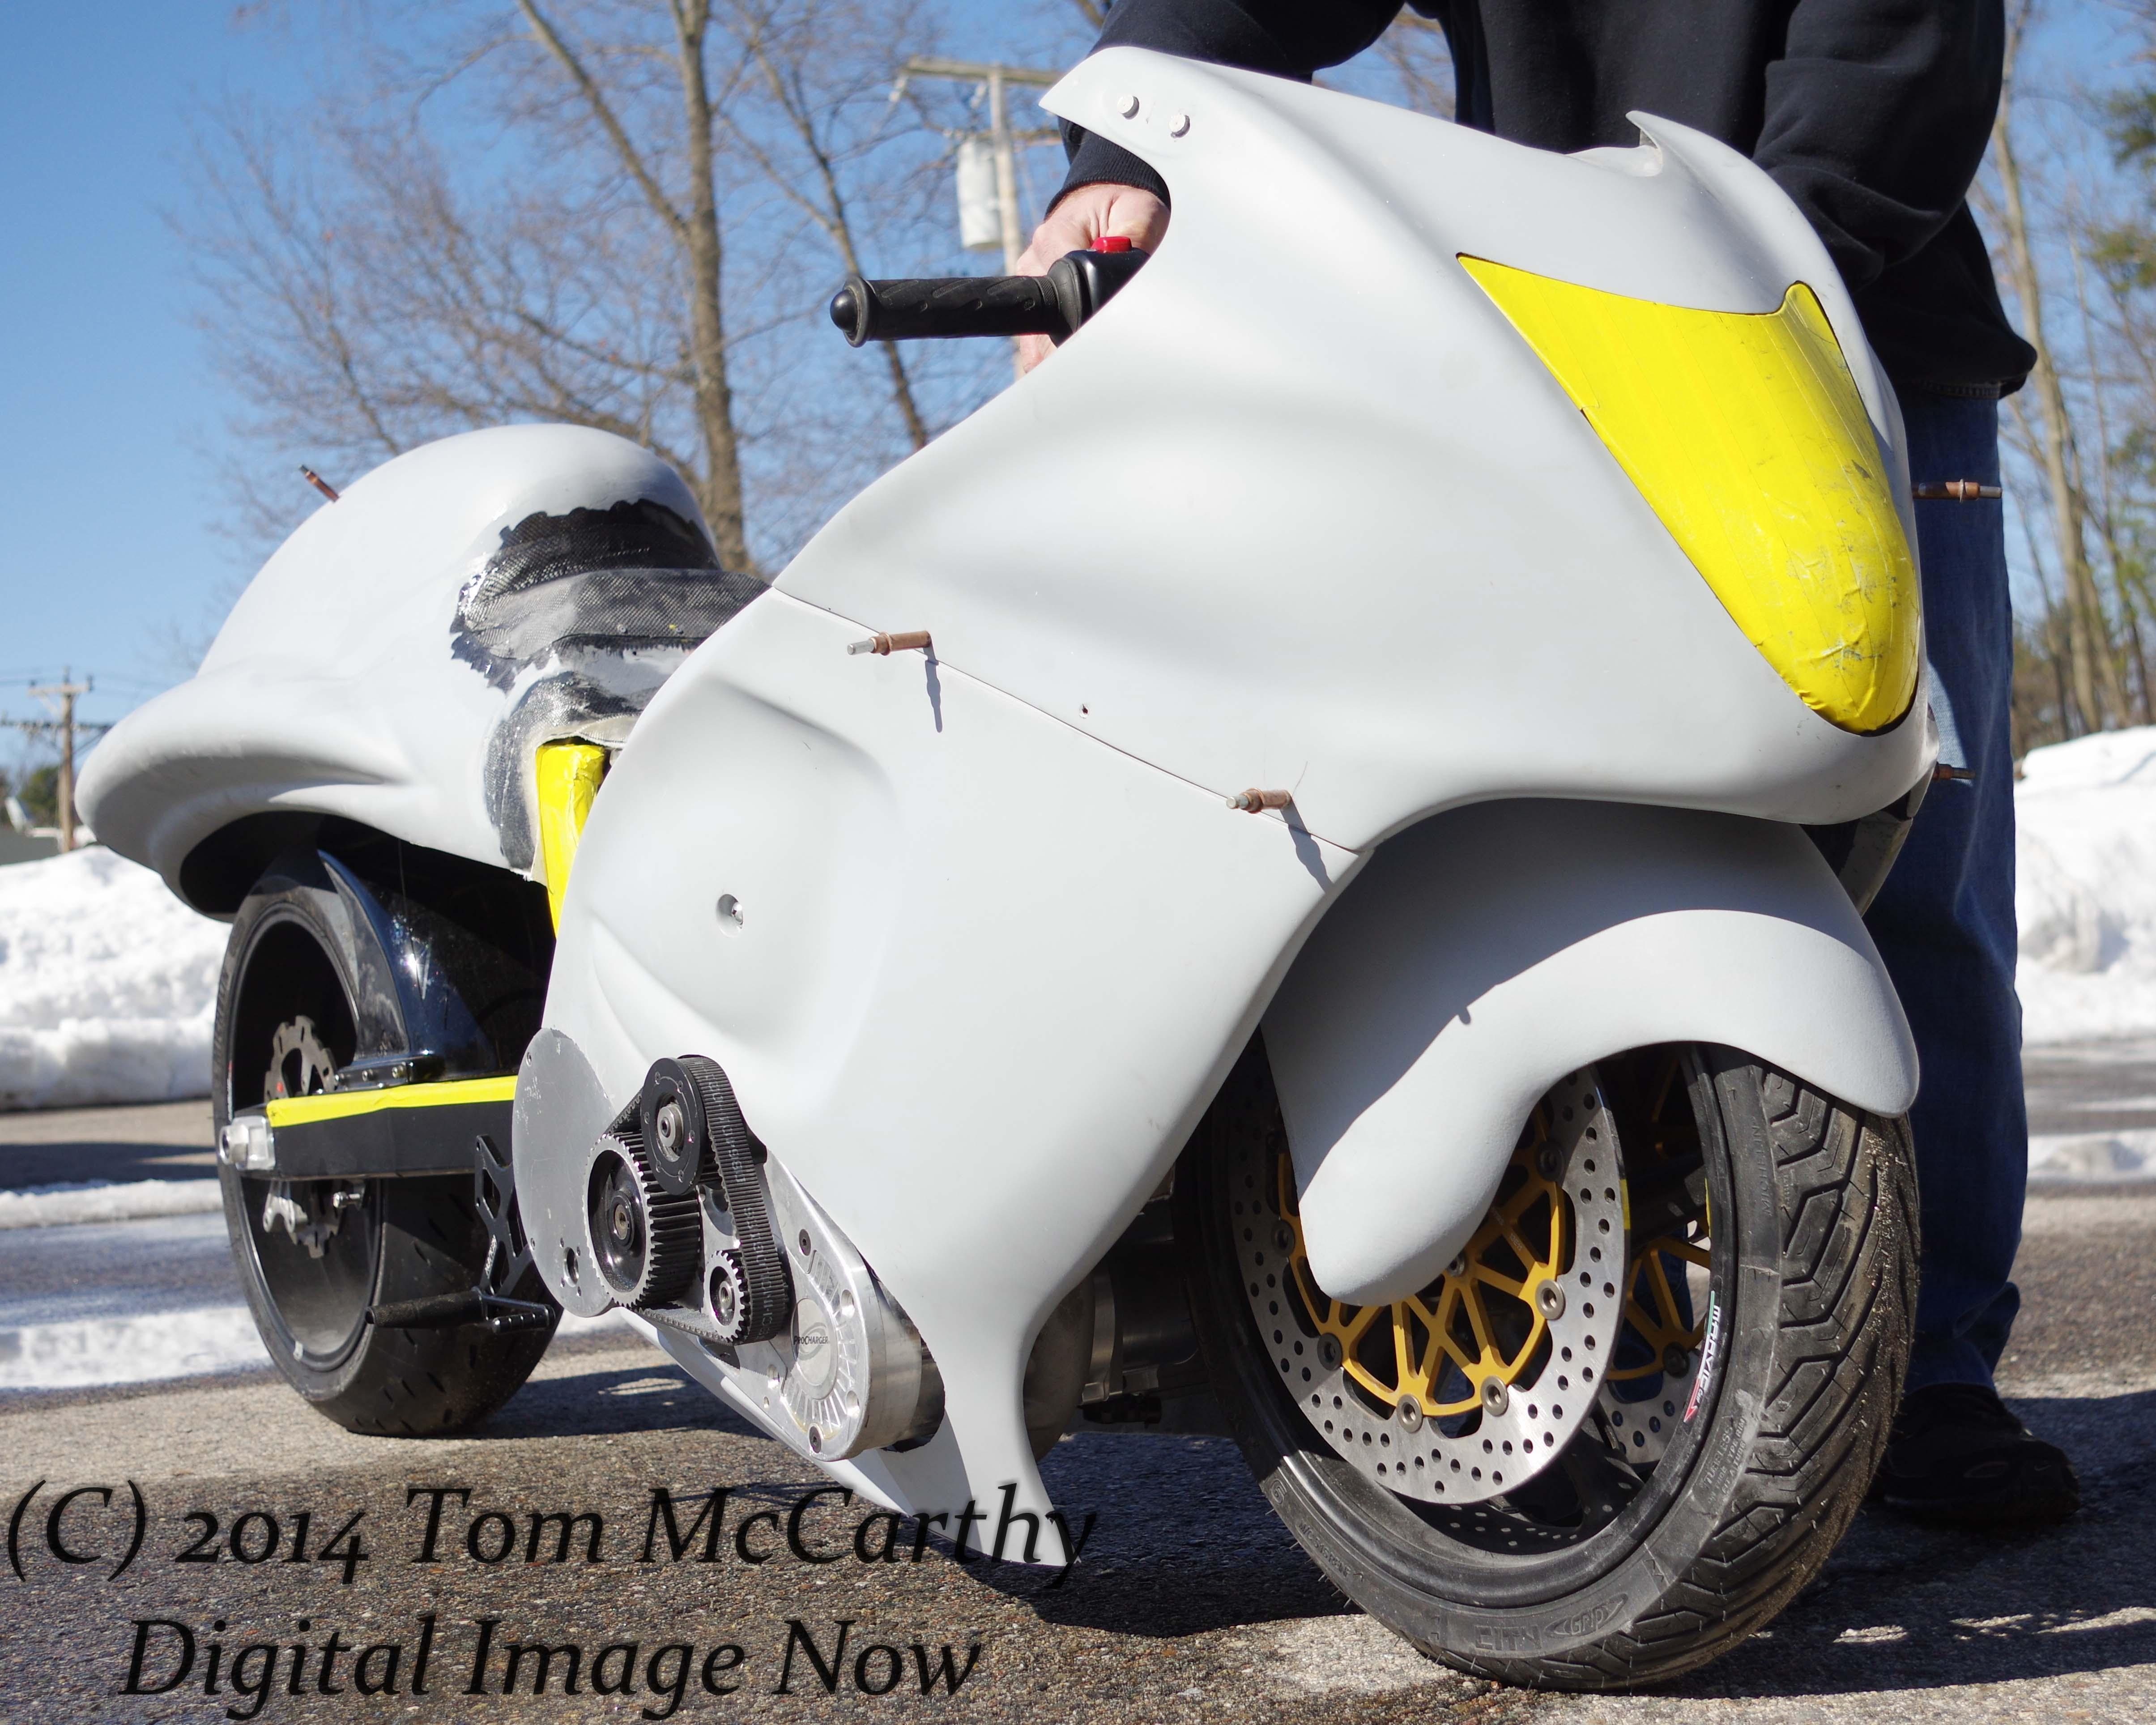 Spy Photos New Das Pro Street Supercharged Drag Bike Dragbike